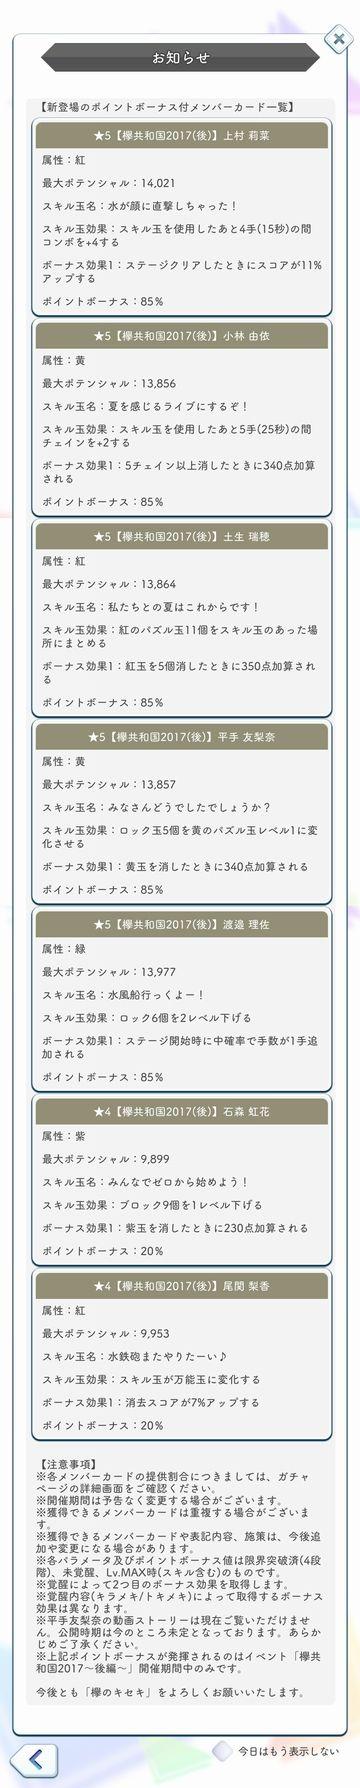 00 欅共和国2017(後) ガチャ詳細